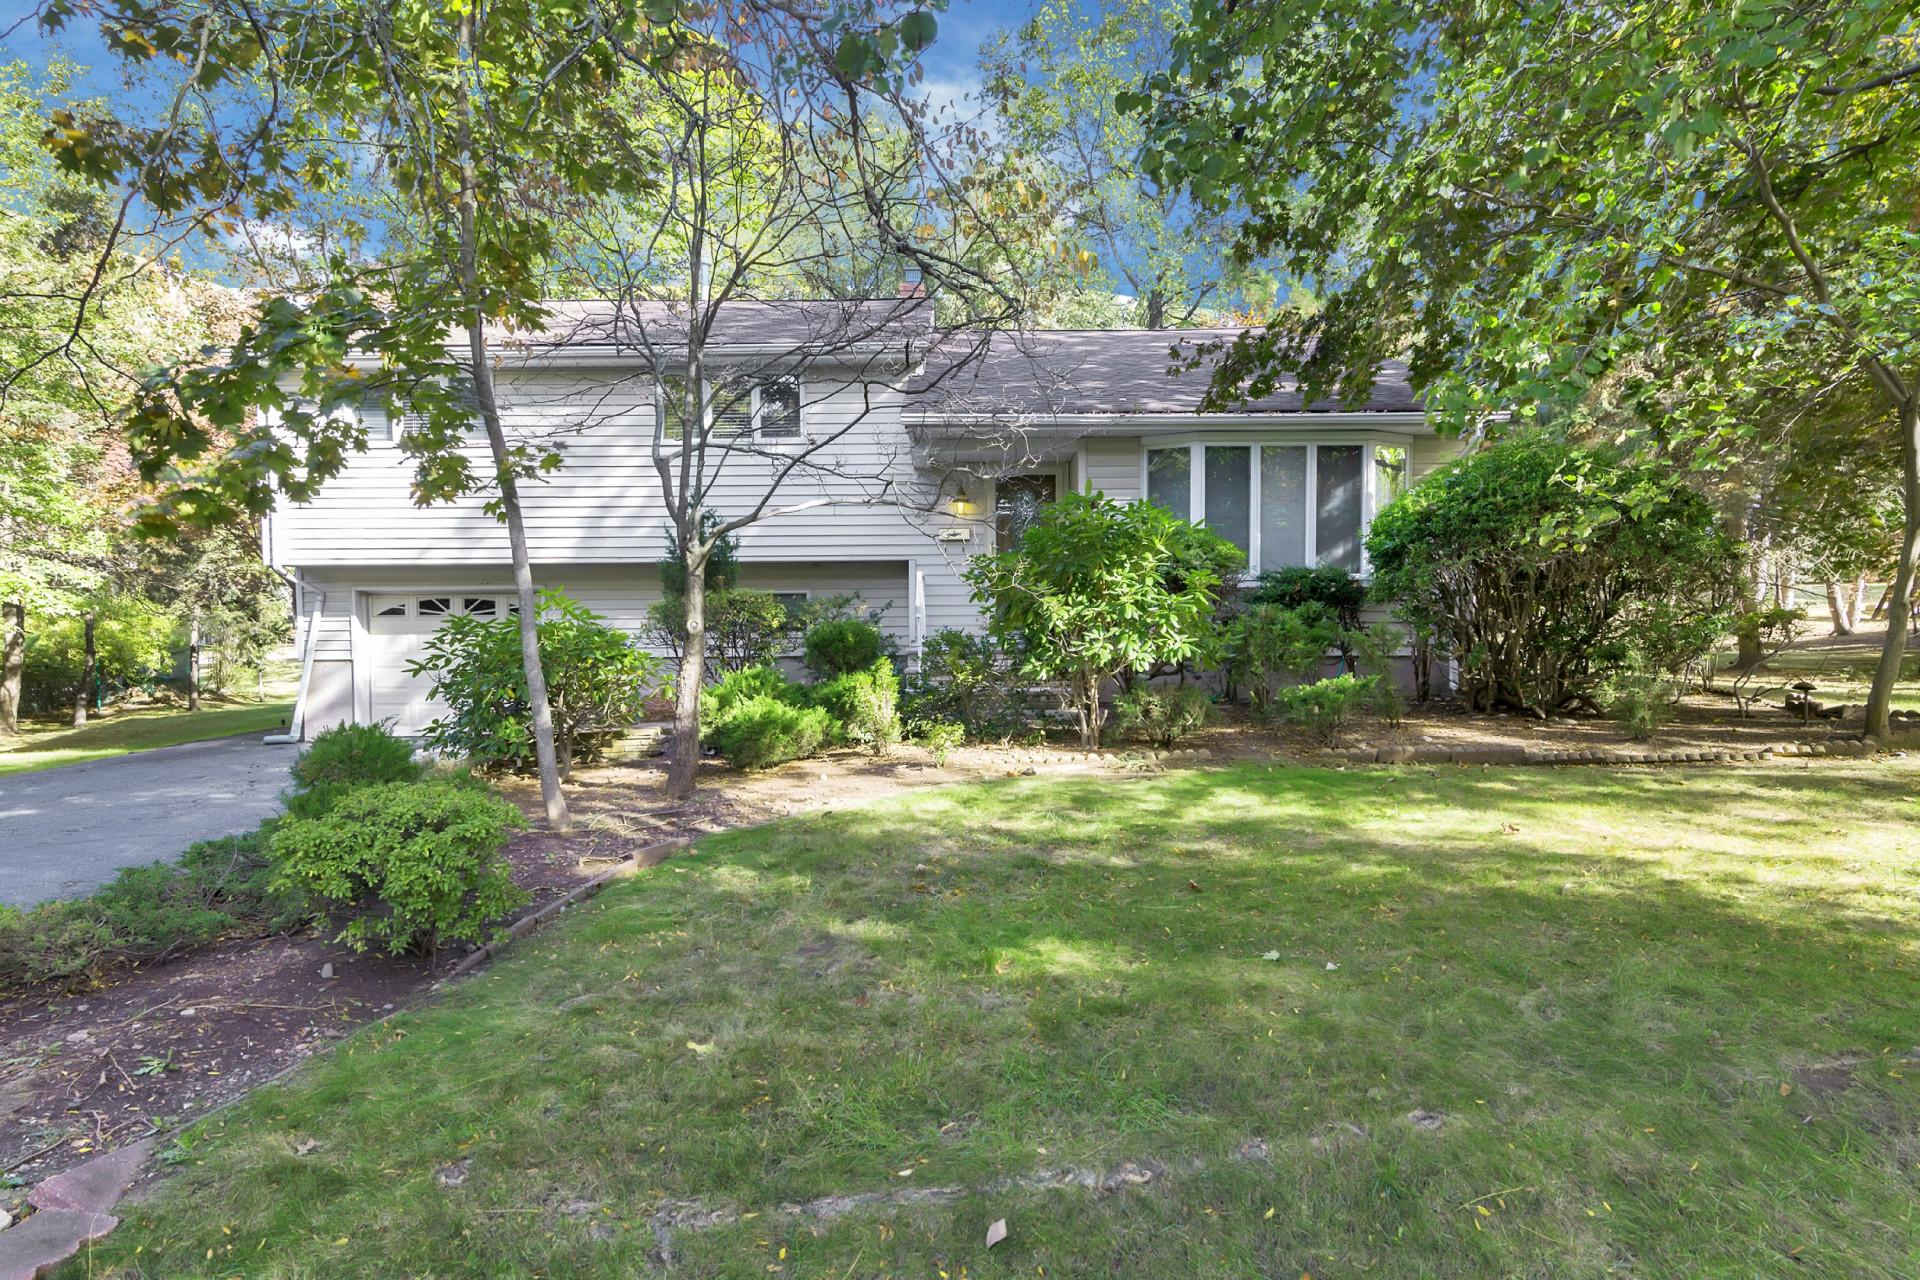 Частный односемейный дом для того Продажа на Excellent Location 25 Sherman Ave Closter, 07624 Соединенные Штаты